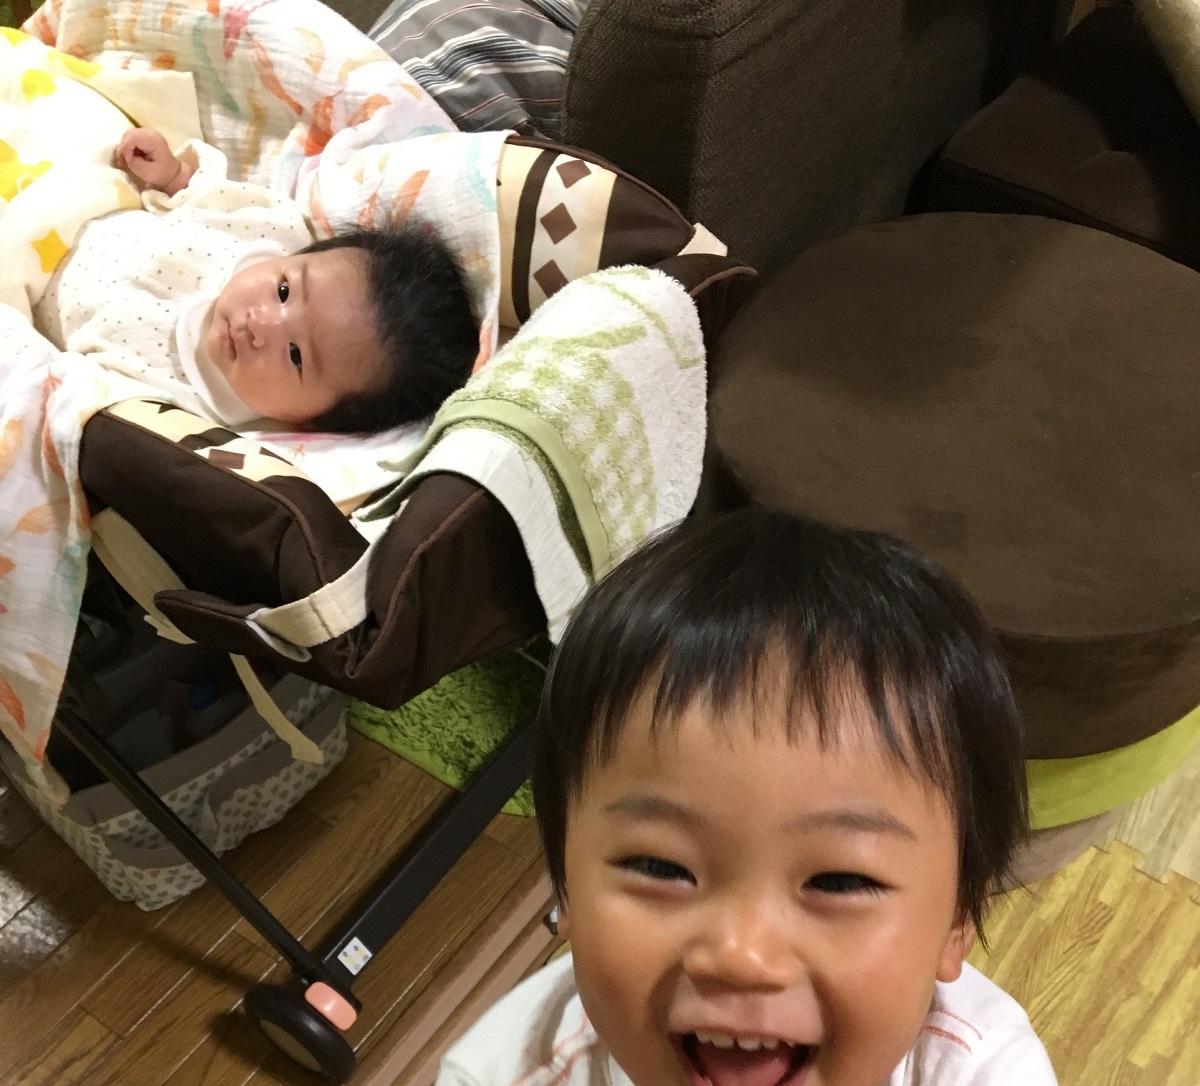 ワンオペ二人目育児の必需品 あると便利な育児グッズ リビング ハイローチェア ハイローラック コンビ